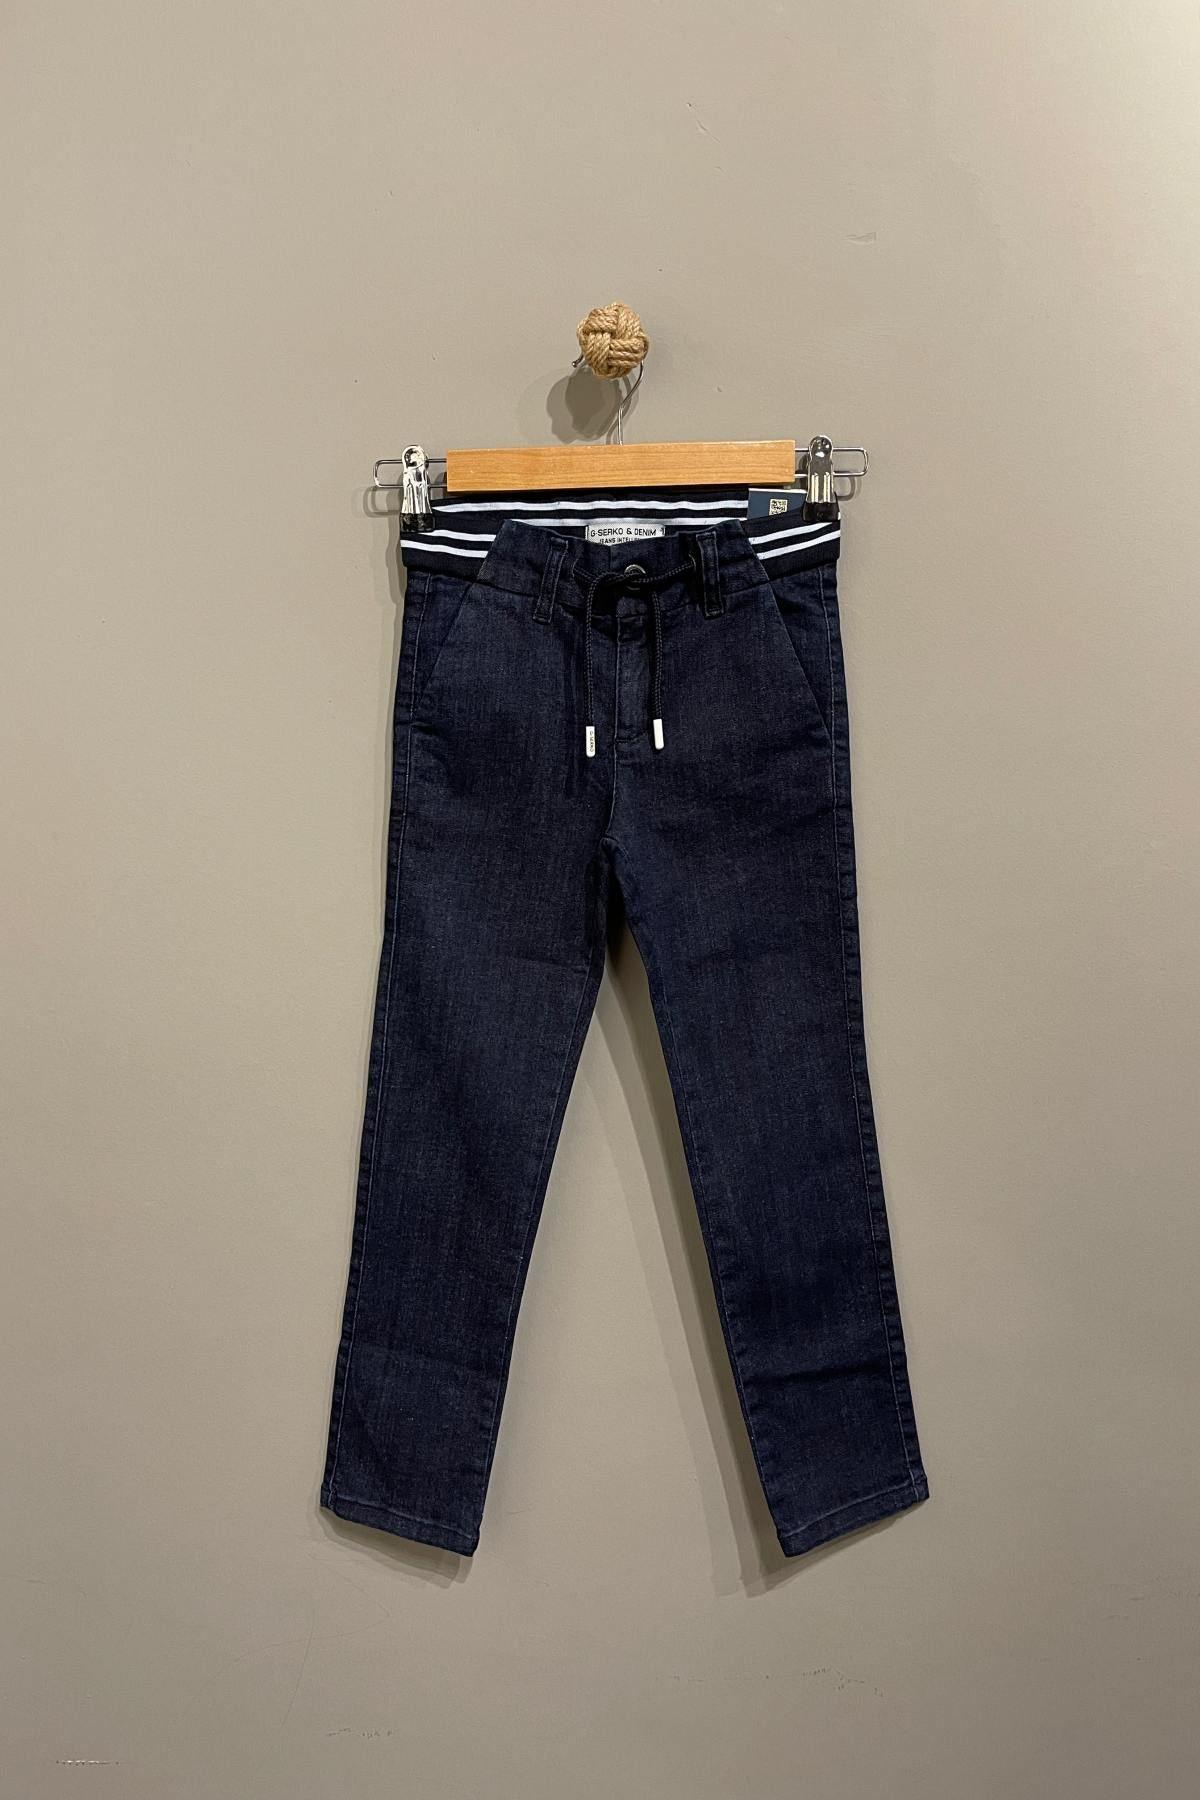 Erkek Çocuk Bağlama Detaylı Kot Pantolon- Laci